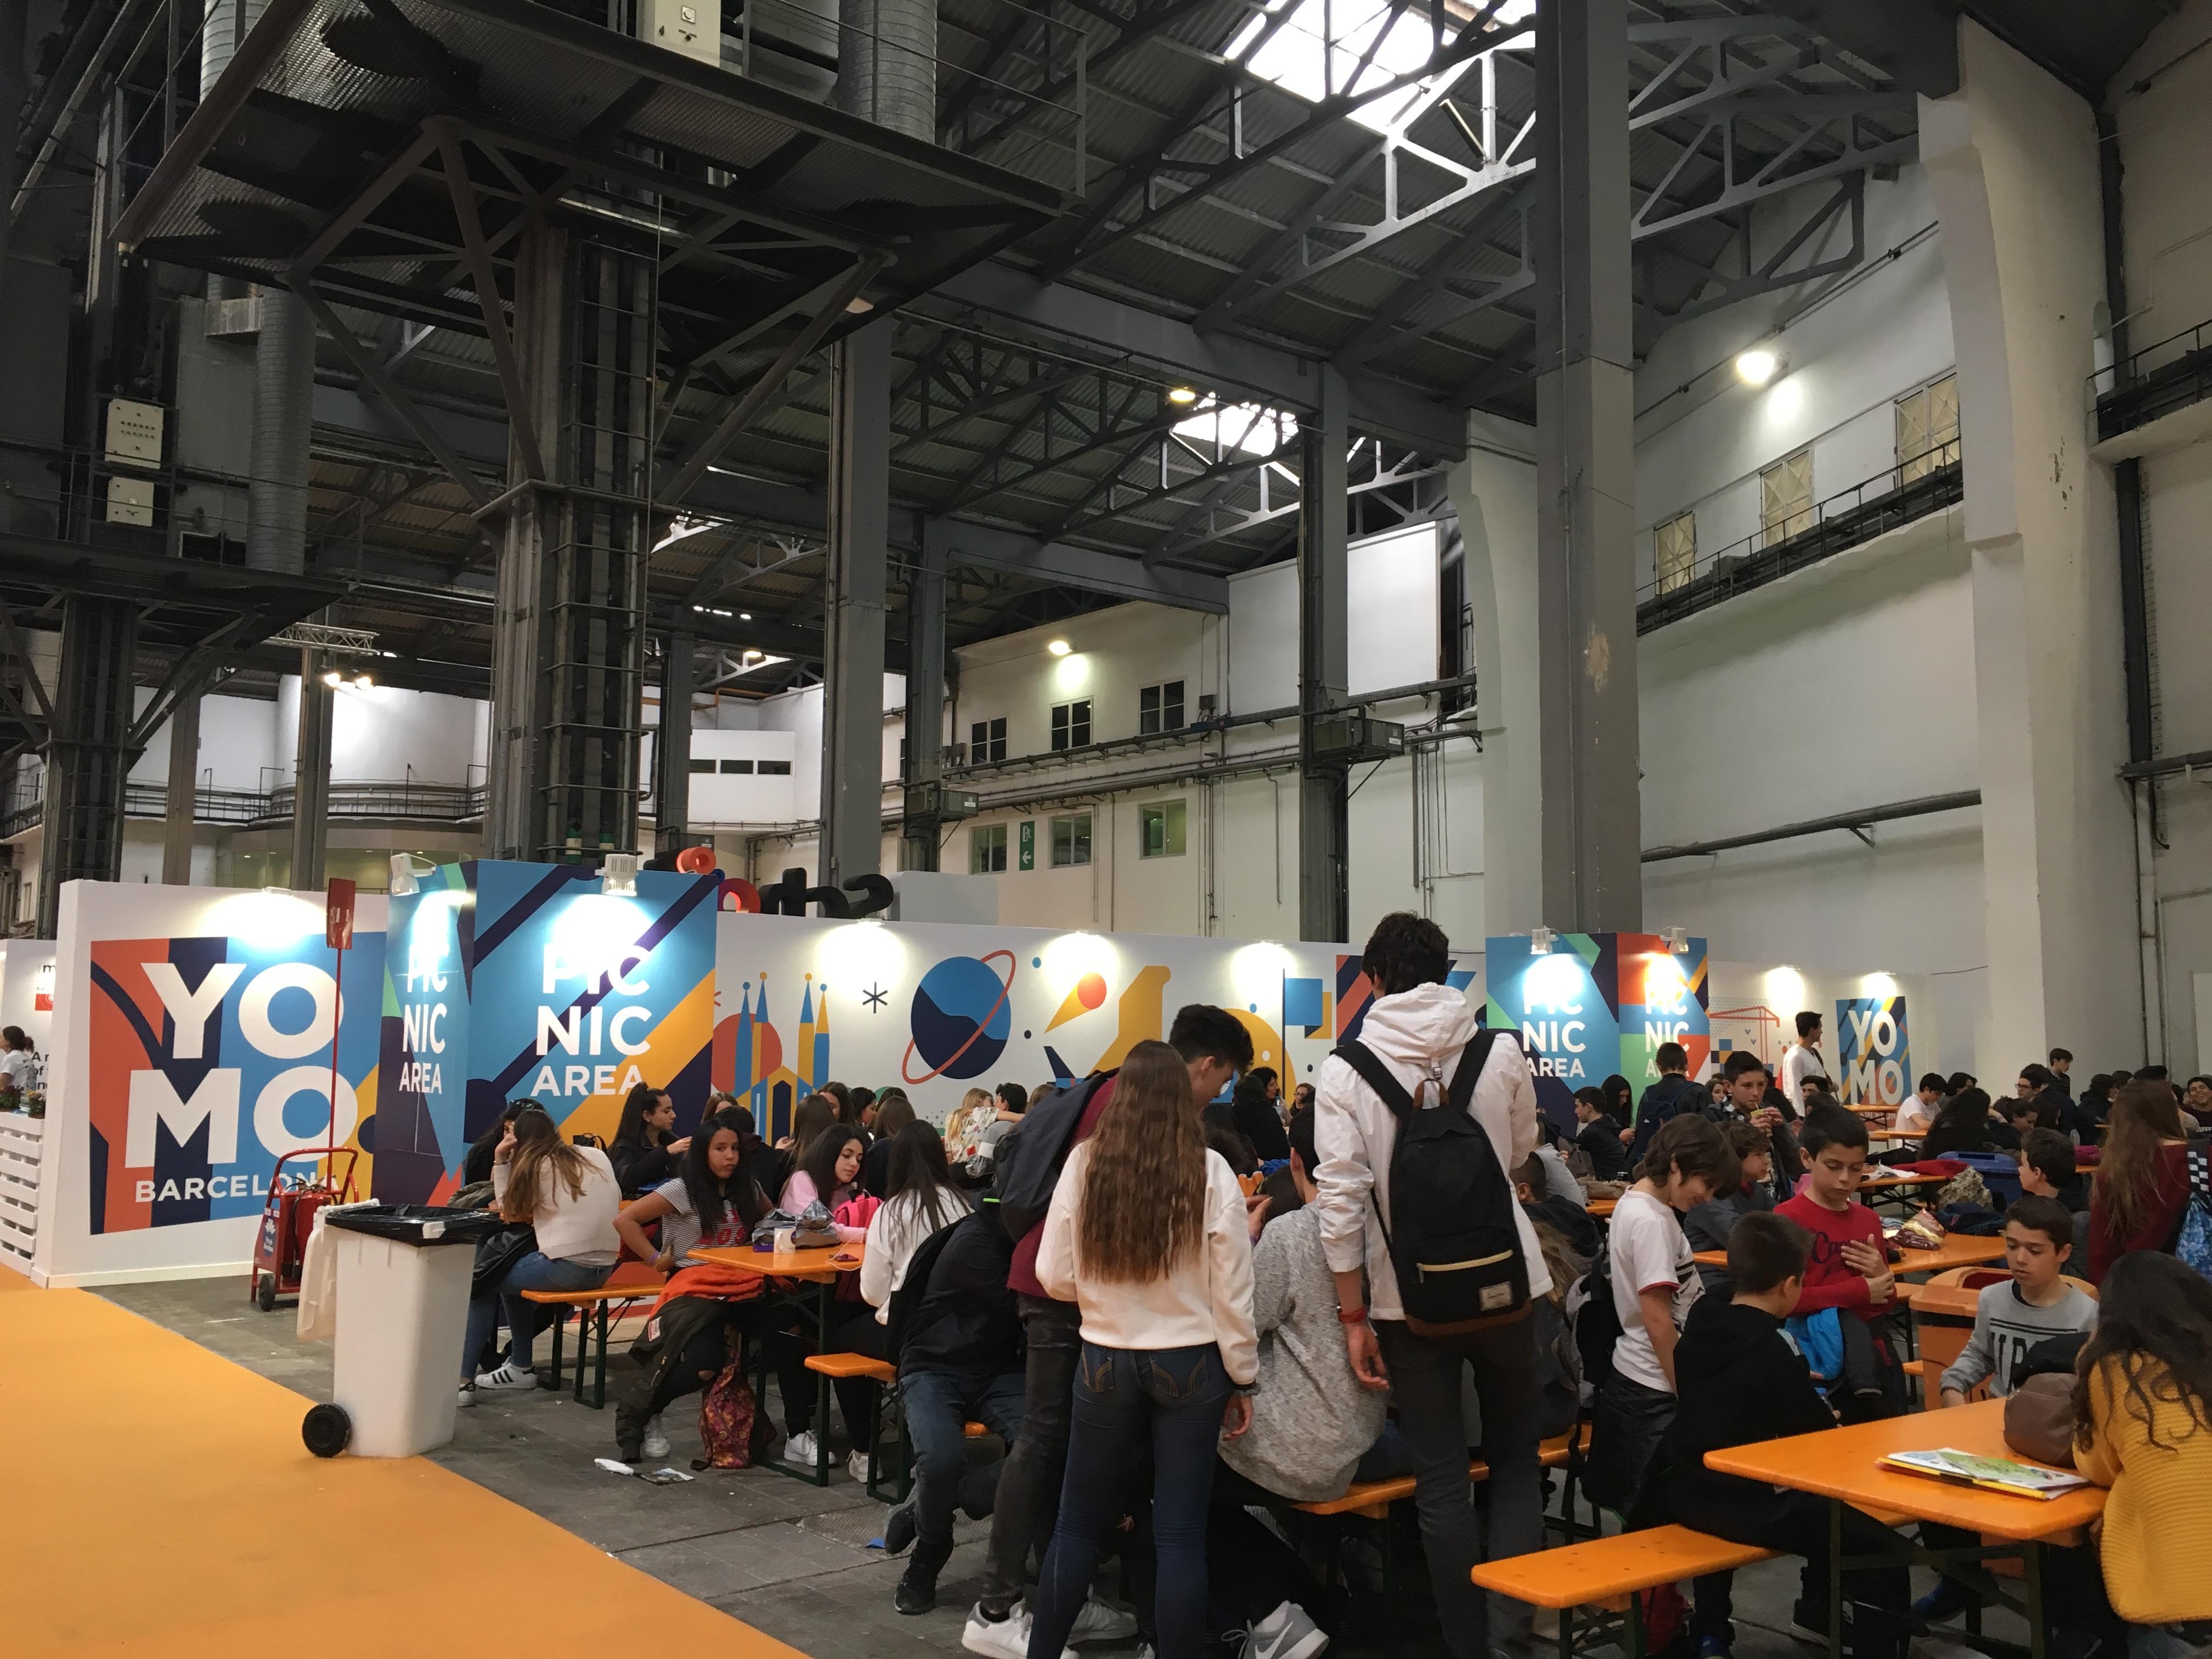 YoMo Barcelona: La magia de hacer divertida la ciencia, las matemáticas y la tecnología